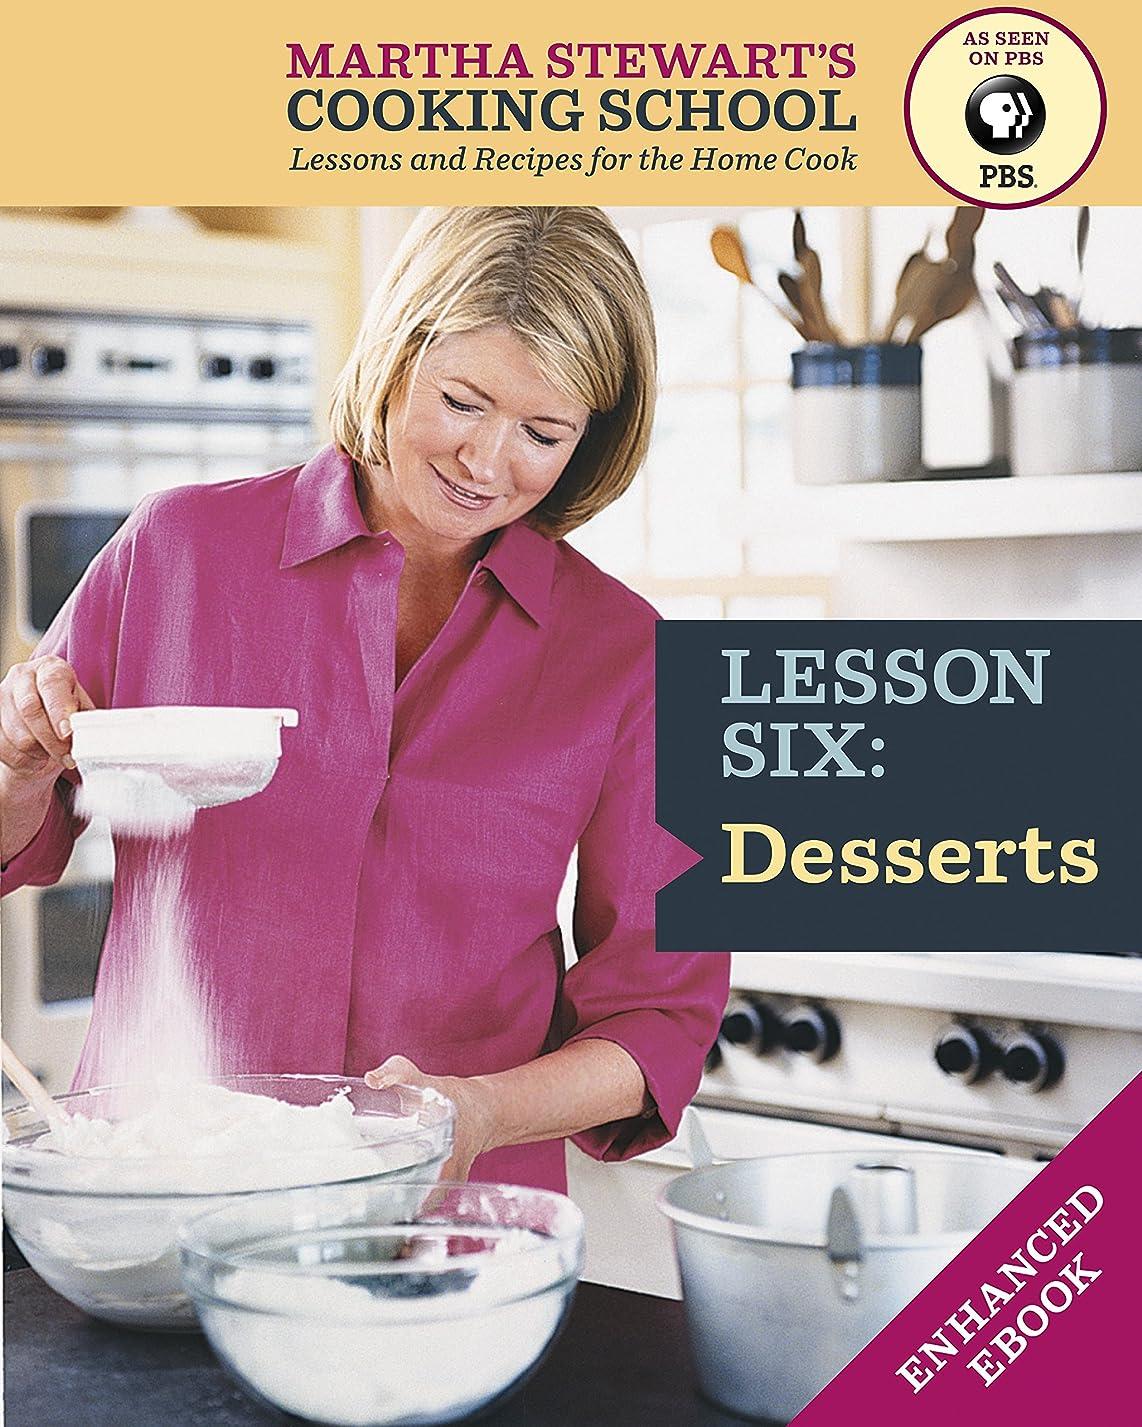 無意味自治残りDesserts: Martha Stewart's Cooking School, Lesson 6: Lessons and Recipes for the Home Cook: A Baking Book (English Edition)